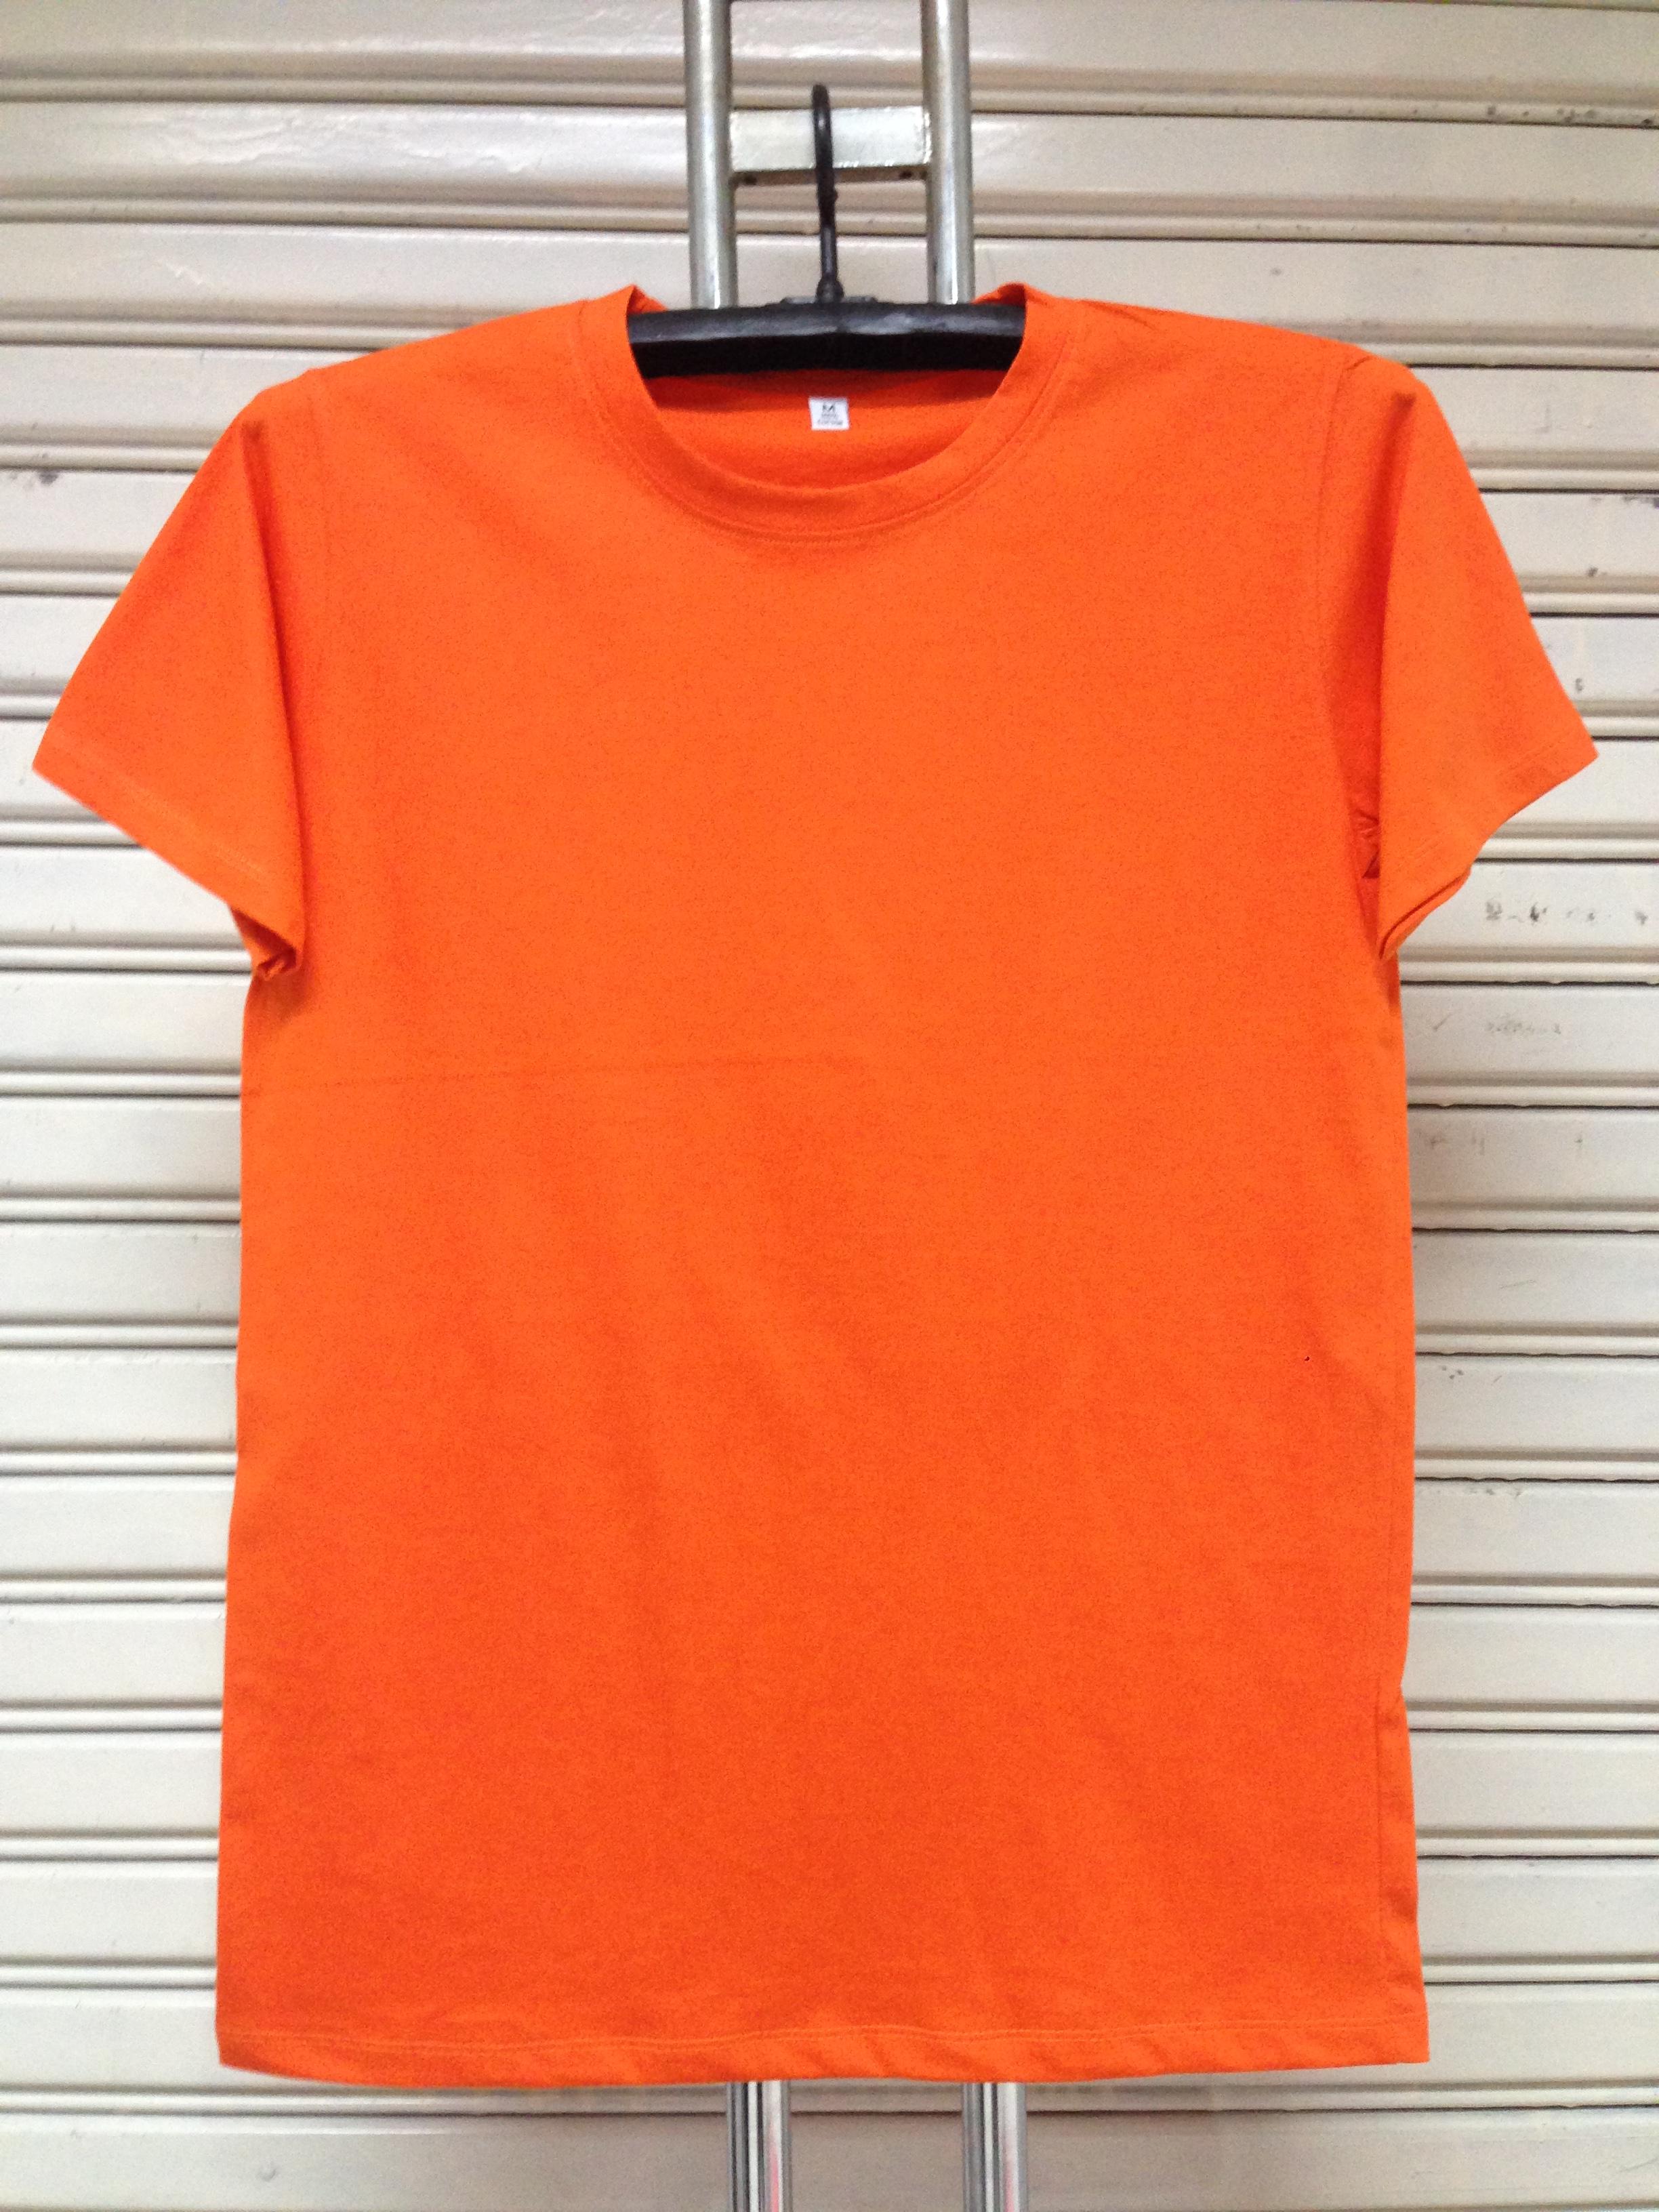 COTTON100% เบอร์32 เสื้อยืดแขนสั้น คอกลม สีส้ม